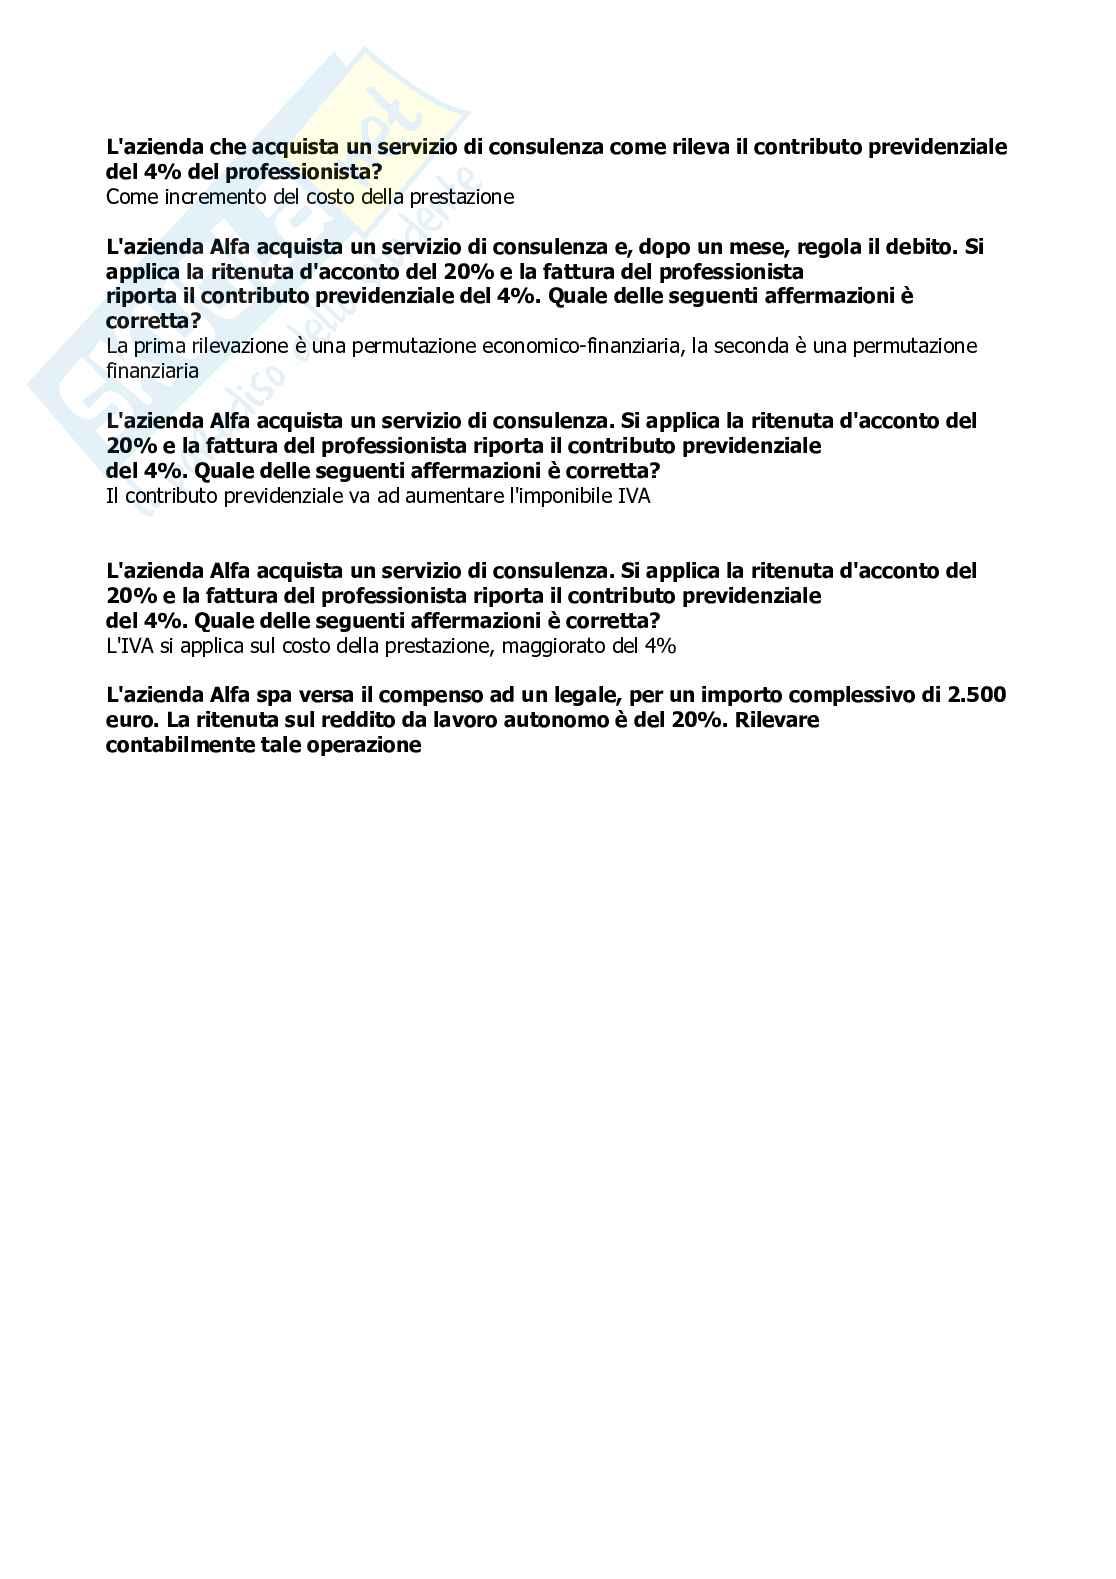 Ragioneria e contabilità aziendale (Aperte + multiple) Pag. 11